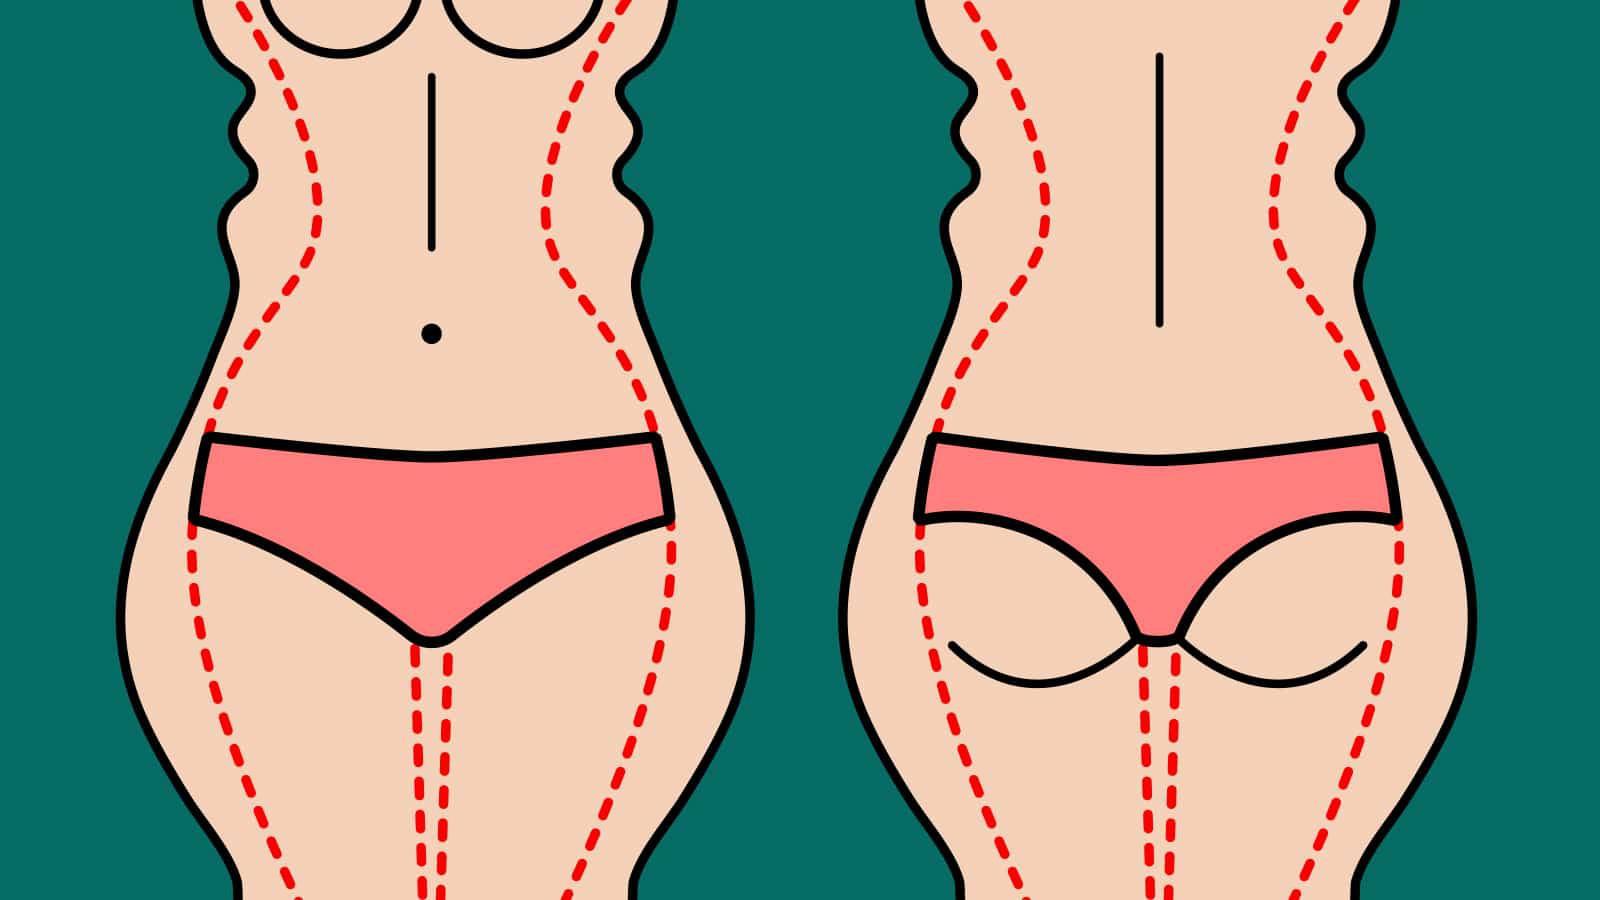 Đây là cách giúp bạn vượt qua cơn thèm thuồng nhớ thịt, trong những ngày bóp mồm bóp miệng để giảm cân - Ảnh 1.